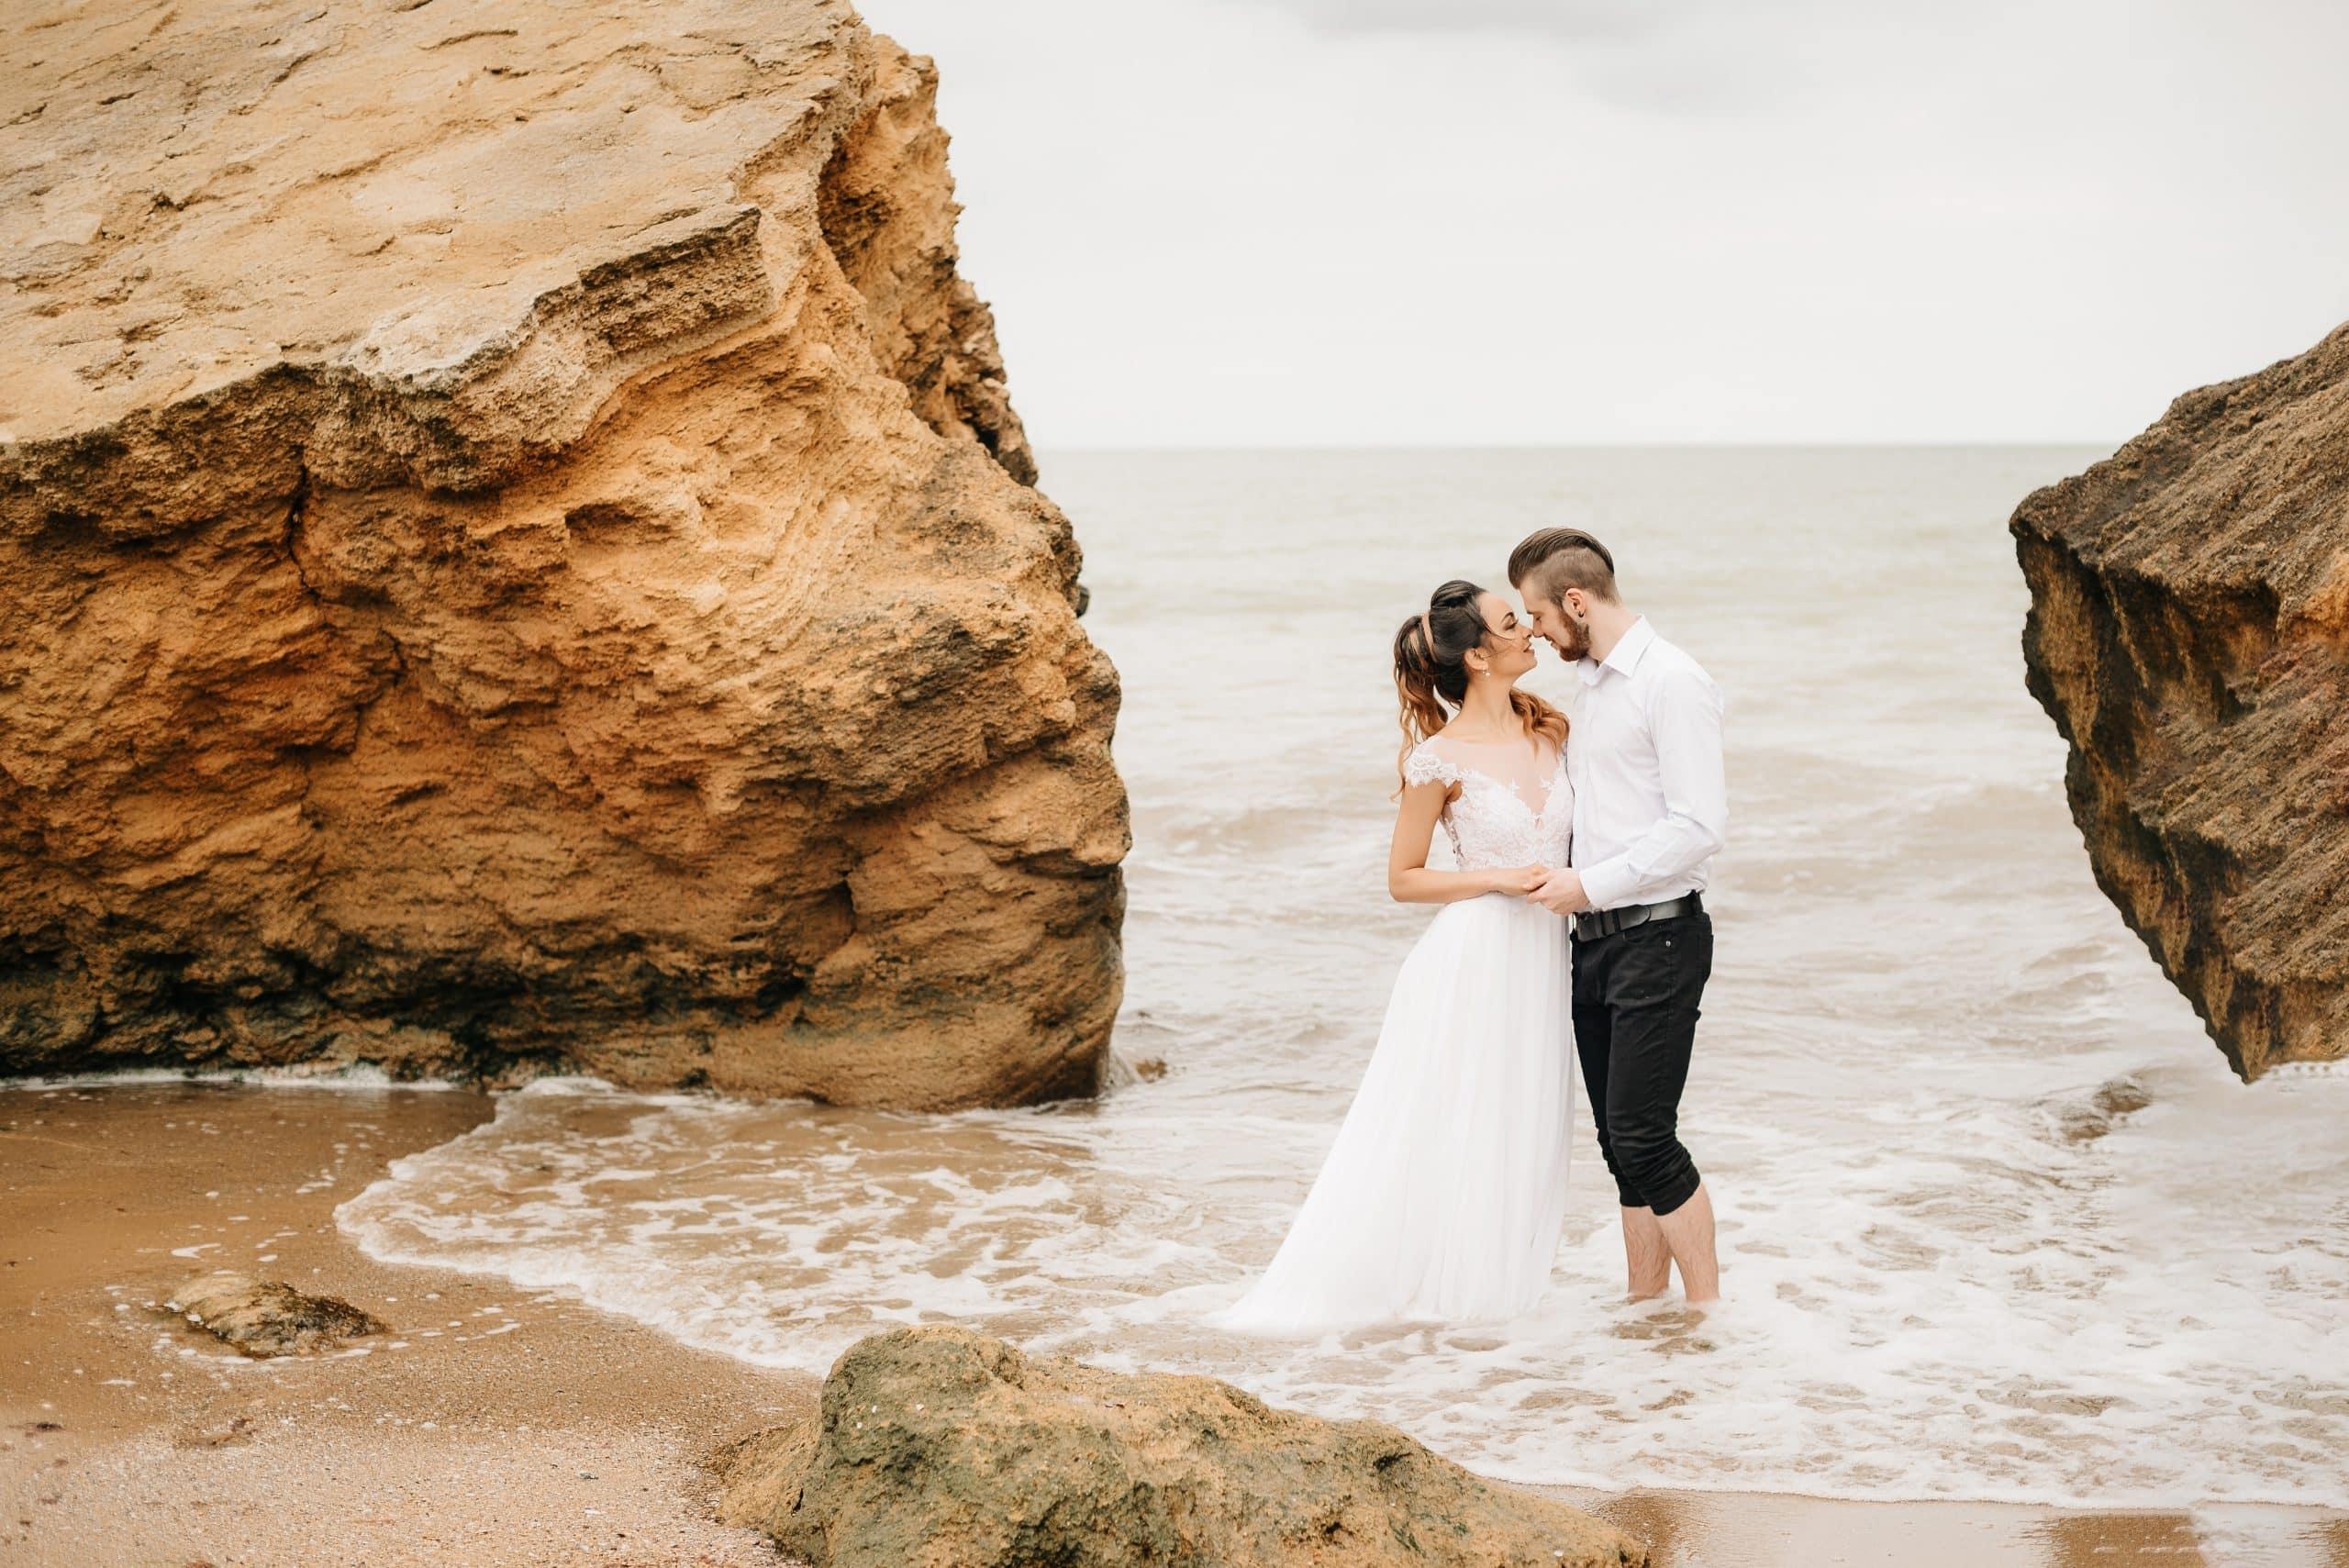 svadba pri mori